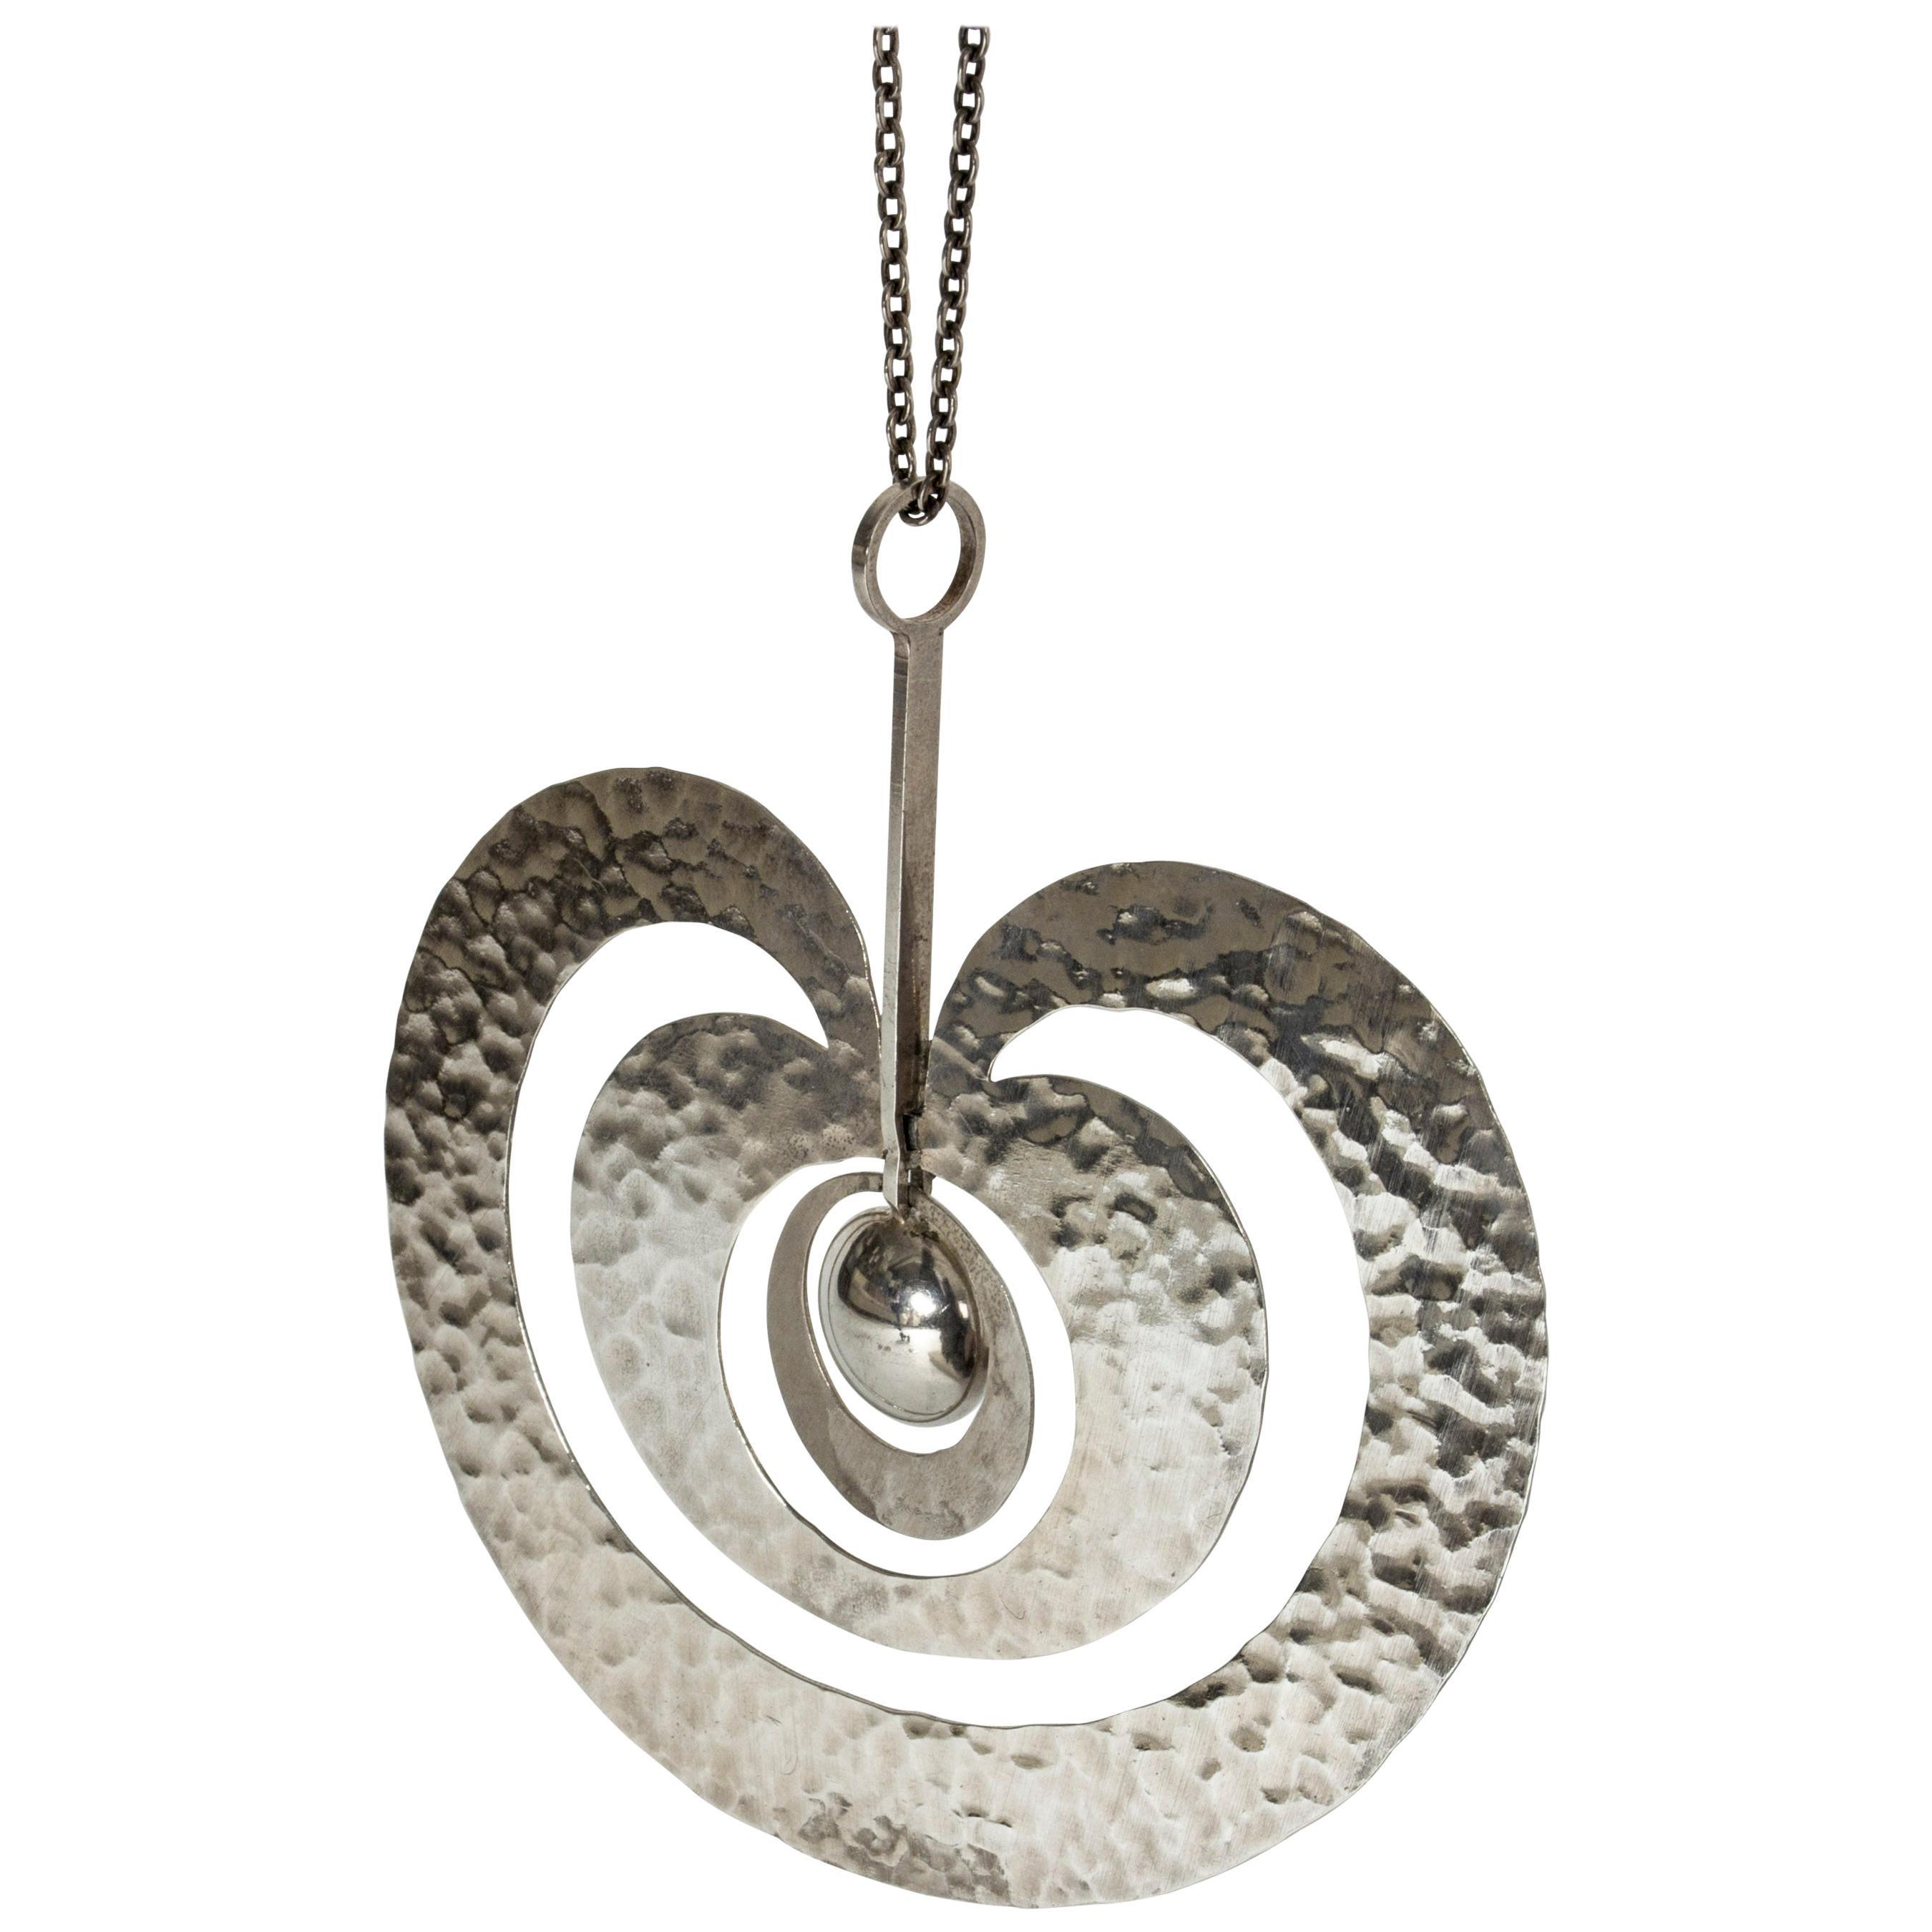 """Silver """"Omena"""" Necklace by Tapio Wirkkala for Kultakeskus Oy, Finland, 1975"""